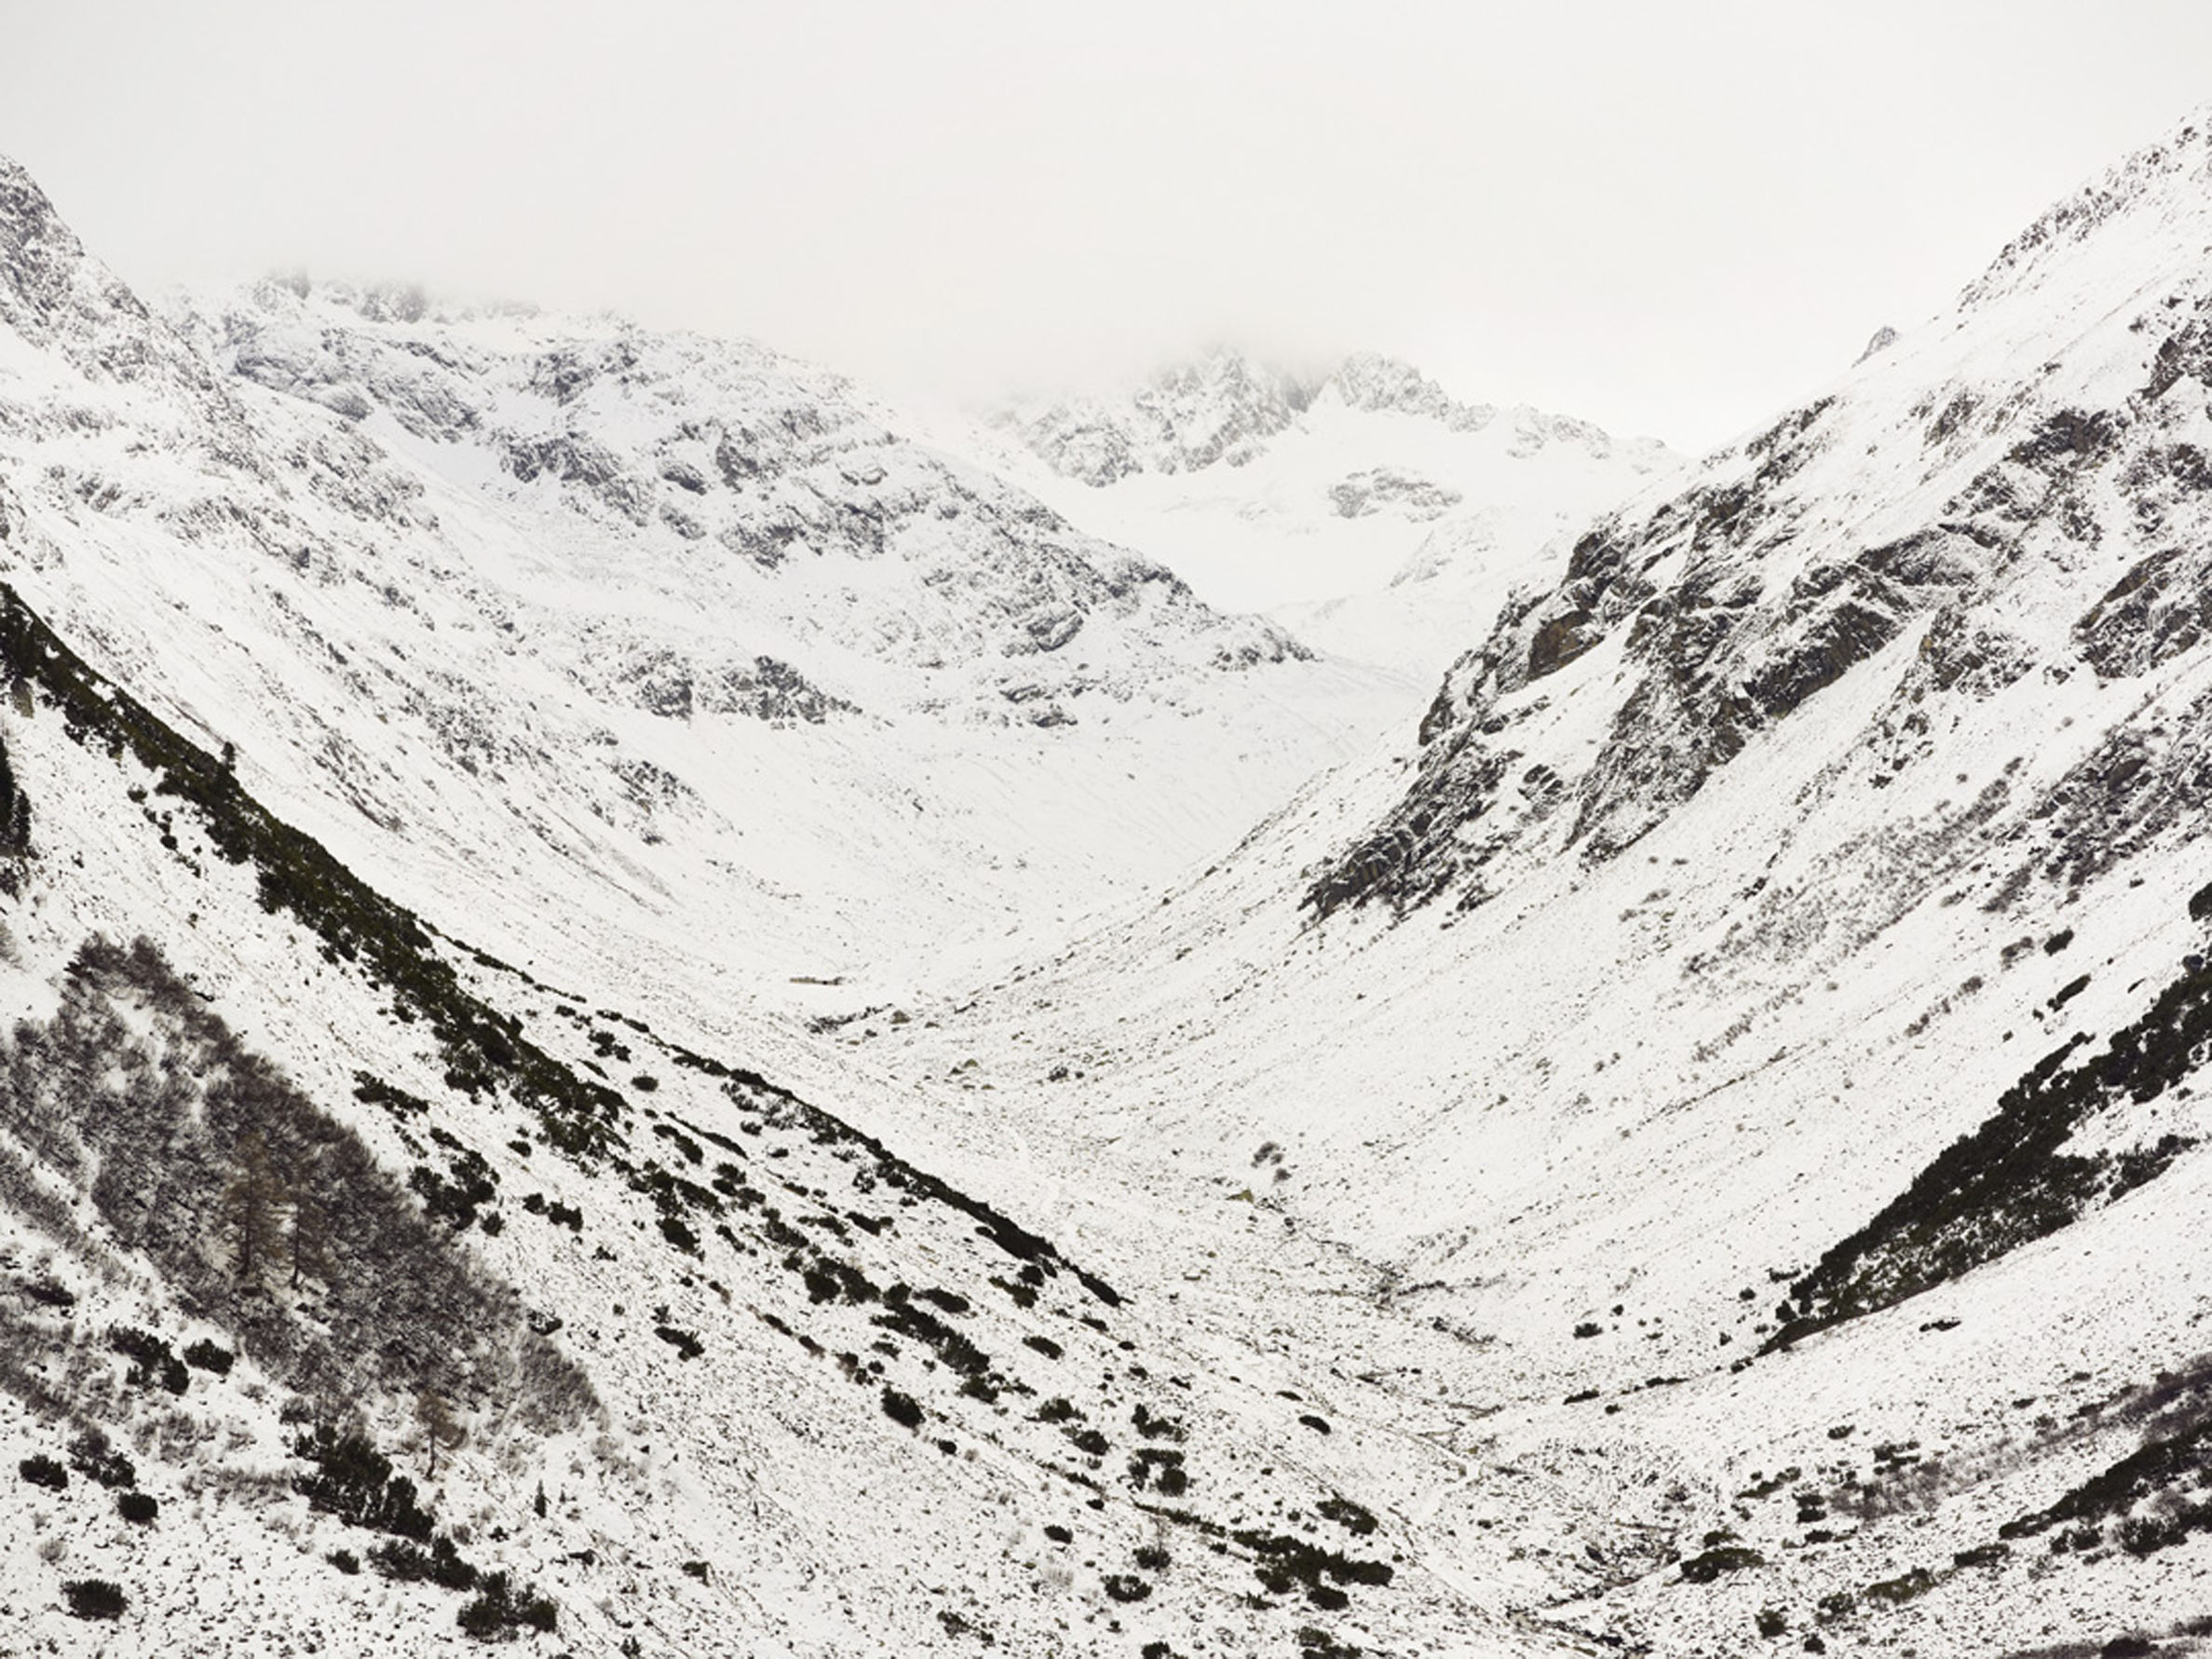 Sandro DienerFlüela, Schweiz, 2010135 x 110 cm Edition of 3geprintet auf Hahnemühle Photo Rag 305 g